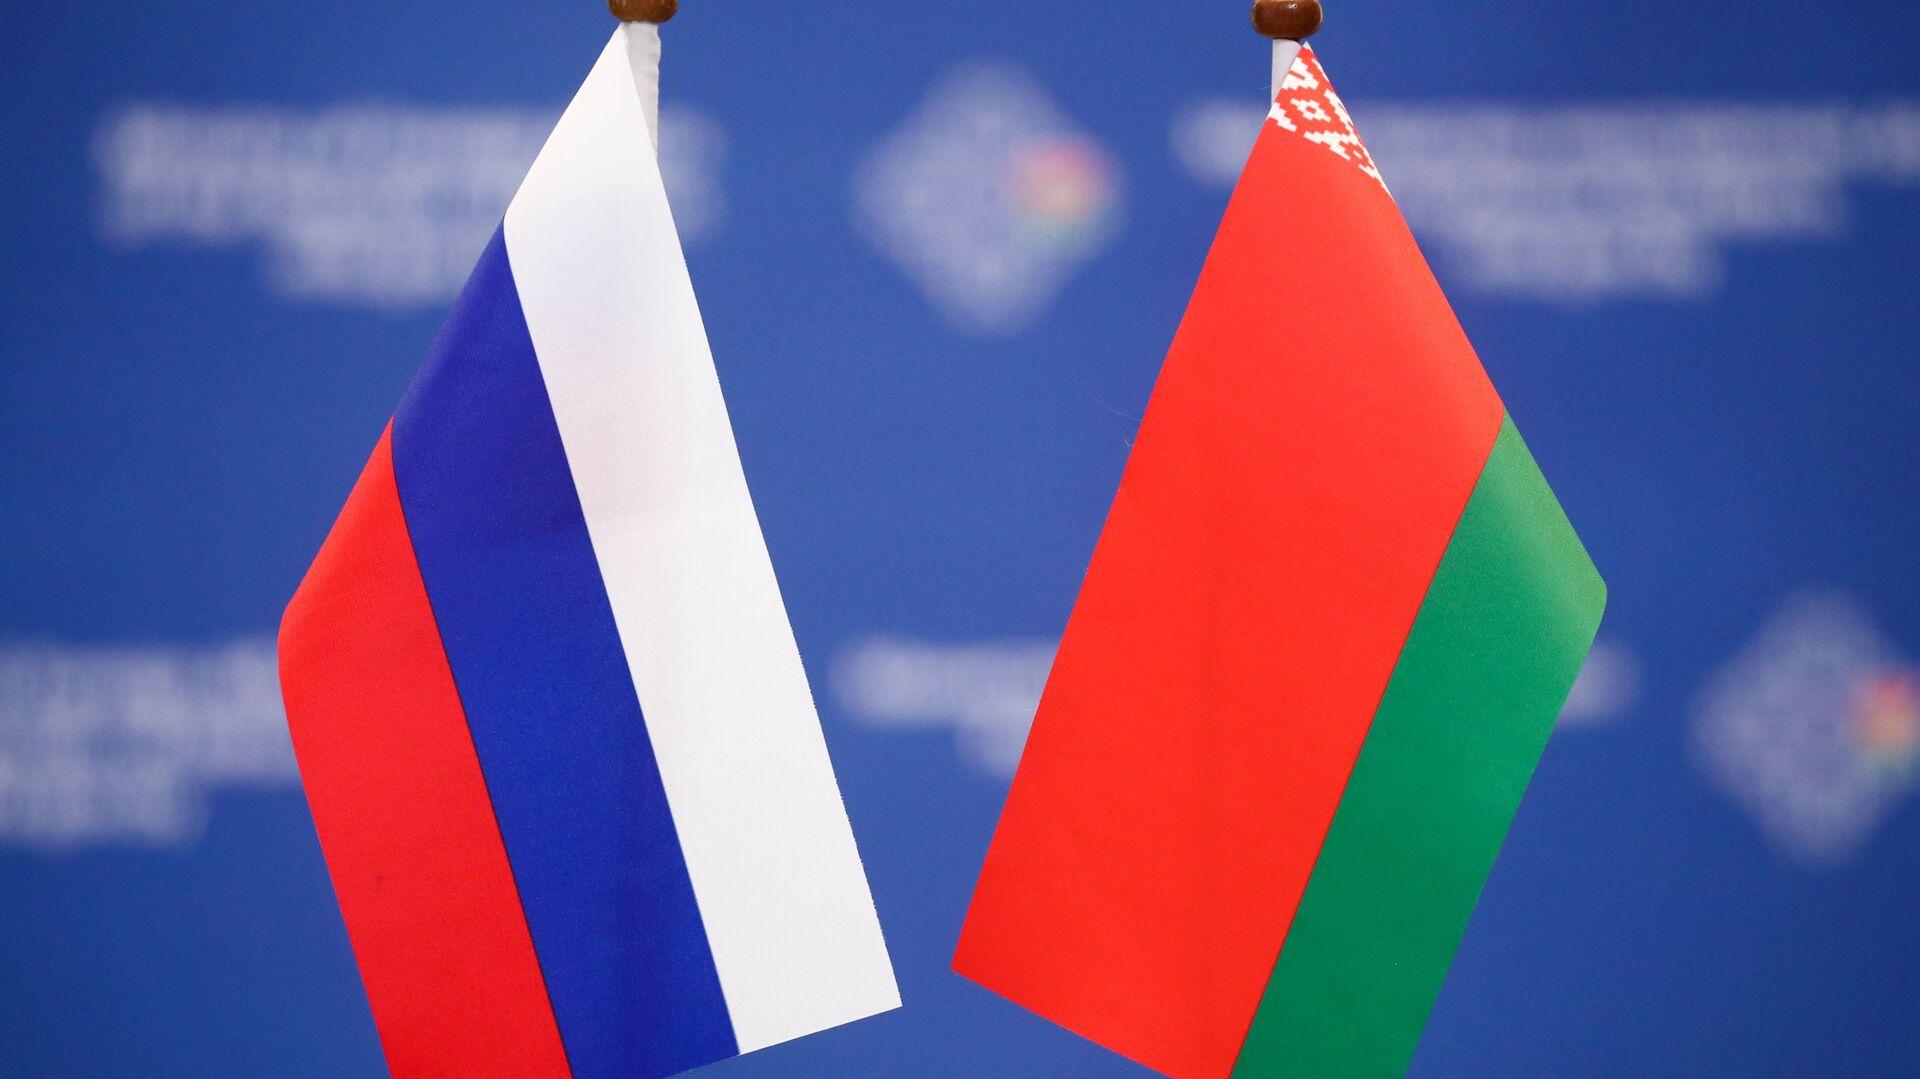 Banderas de Rusia y Bielorrusia - Sputnik Mundo, 1920, 02.06.2021